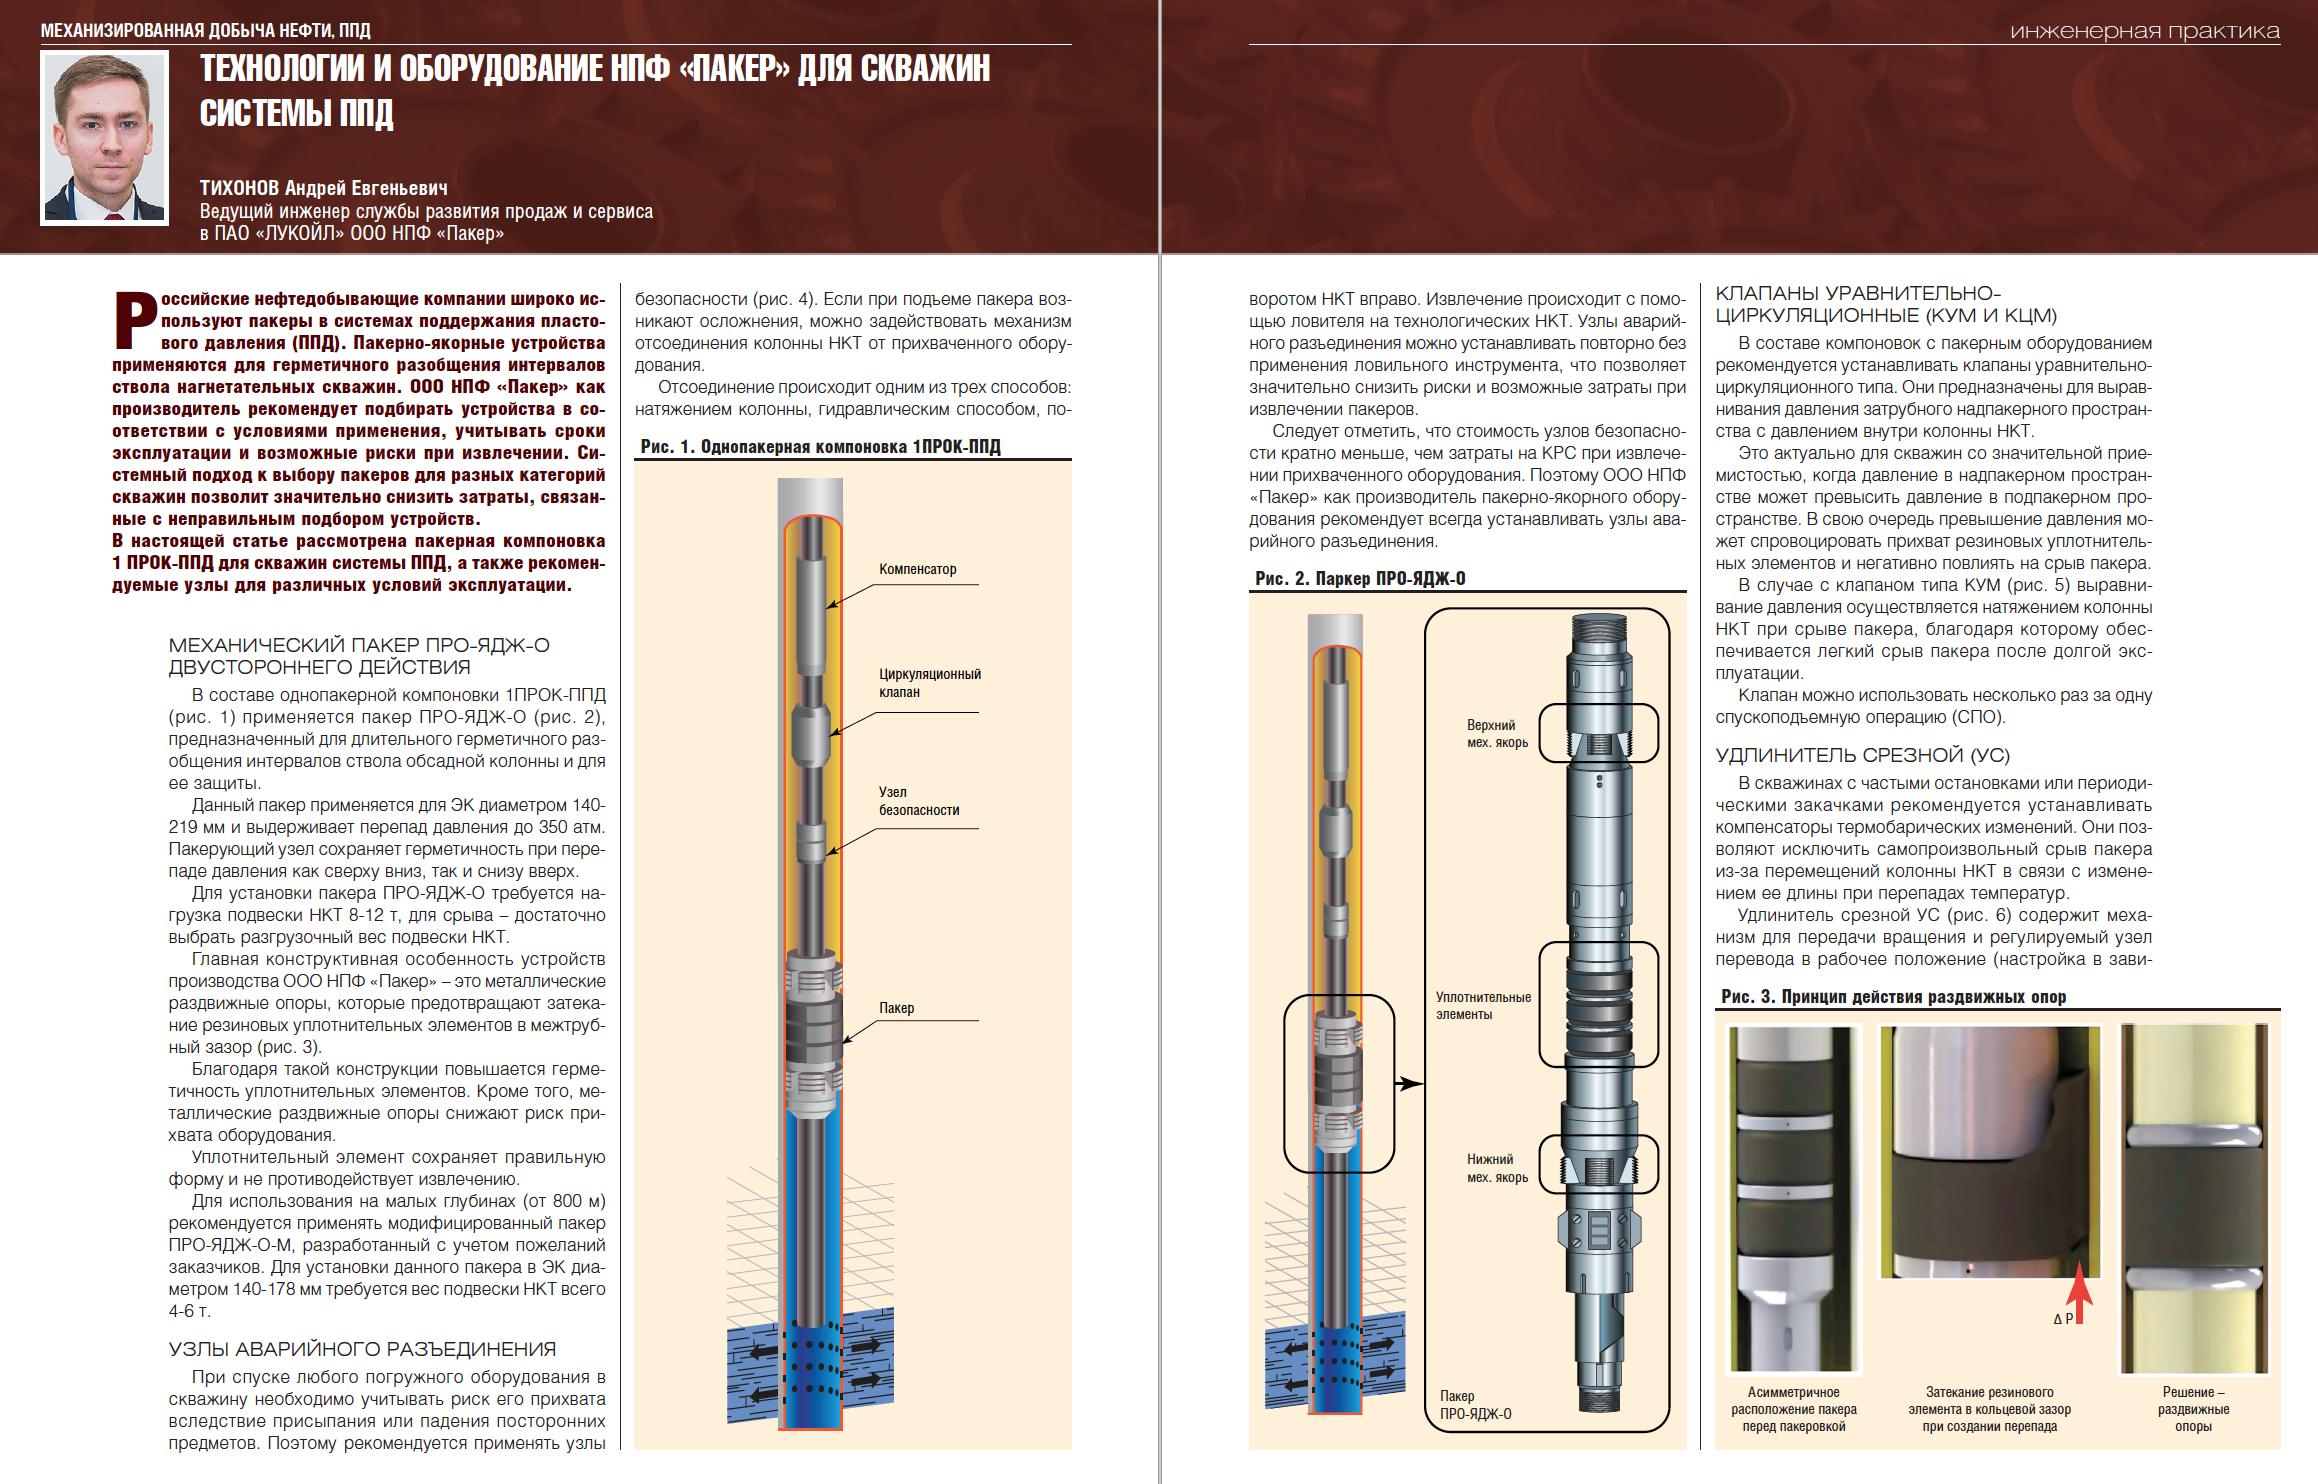 31946 Технологии и оборудование НПФ «Пакер» для скважин системы ППД